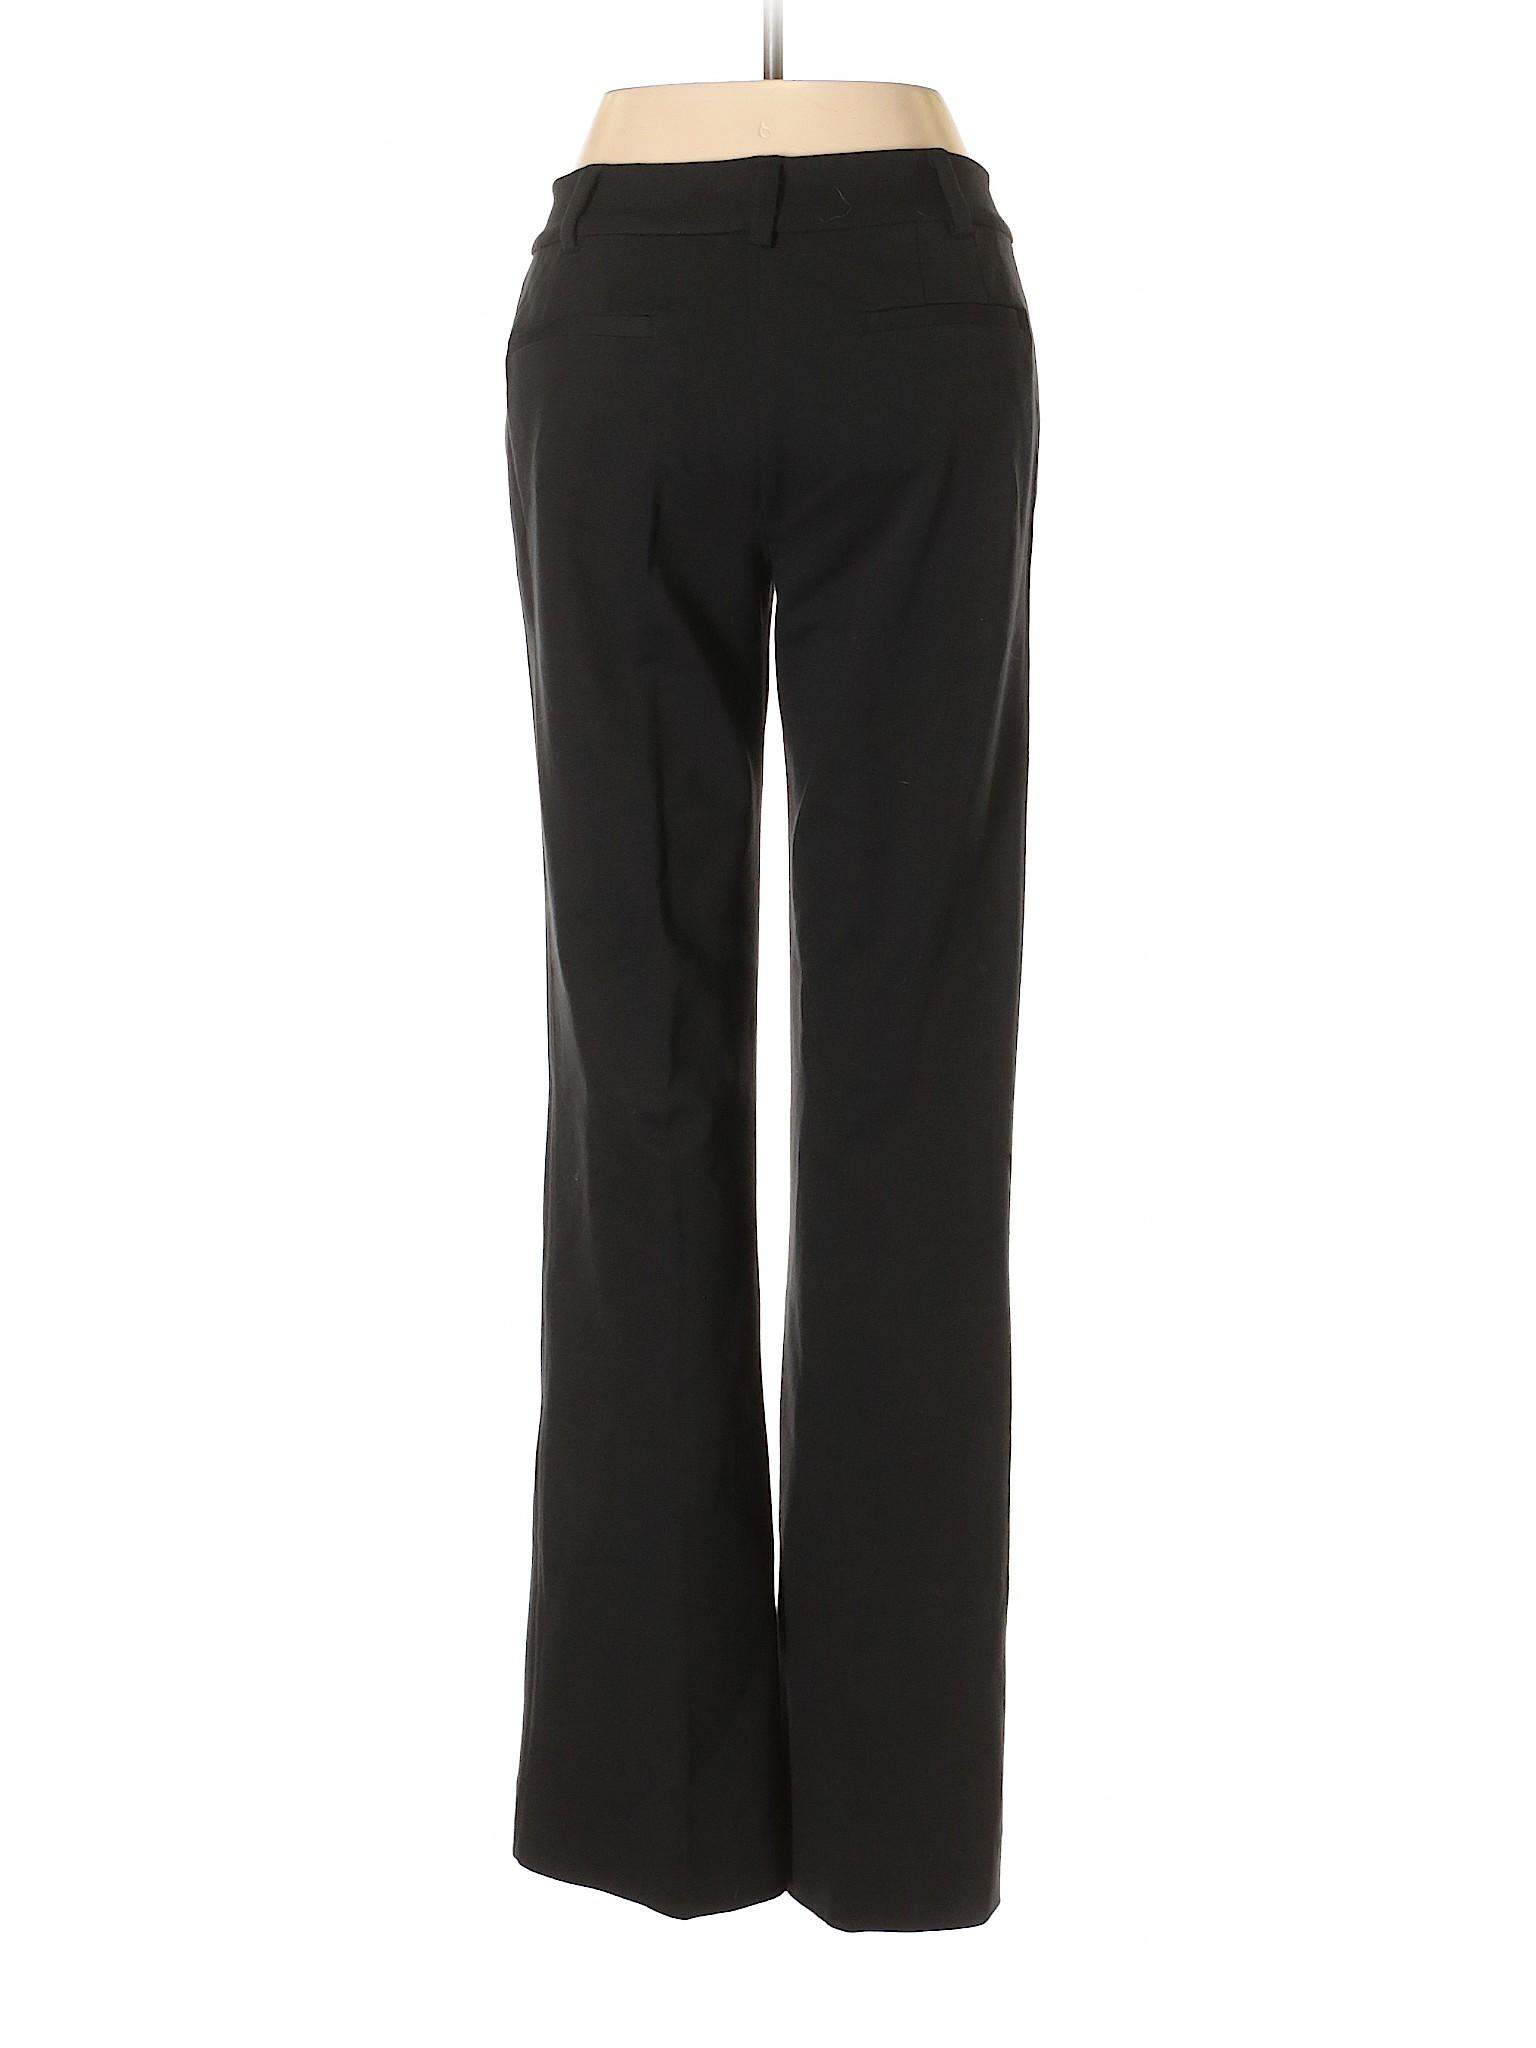 Dress Lands' winter Pants End Boutique FqCa6AUwxn